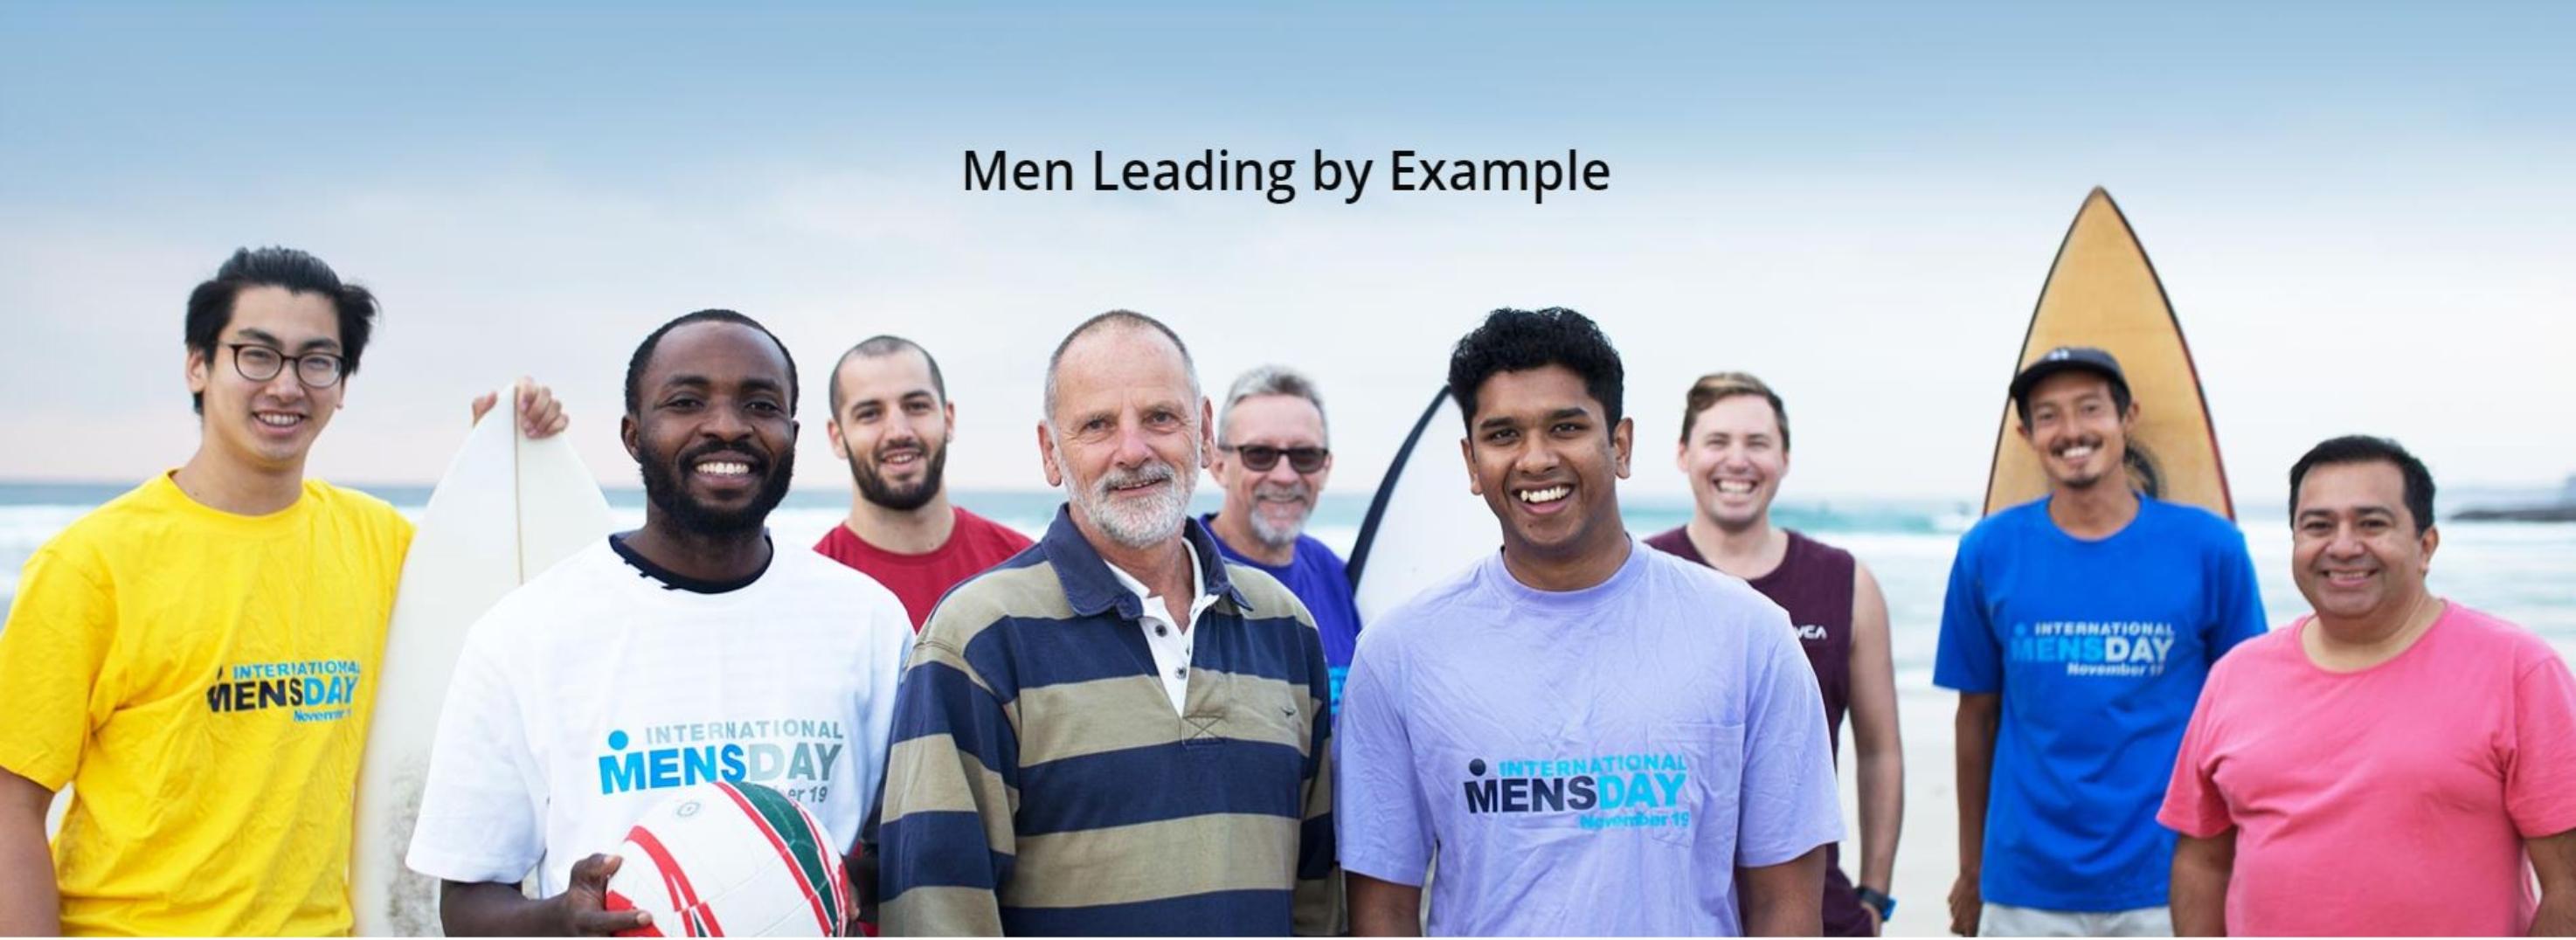 En el Día Internacional del Hombre, ciudadanos del mundo buscan visibilizar el rostro desconocido de los varones (Foto: International Mens Day)